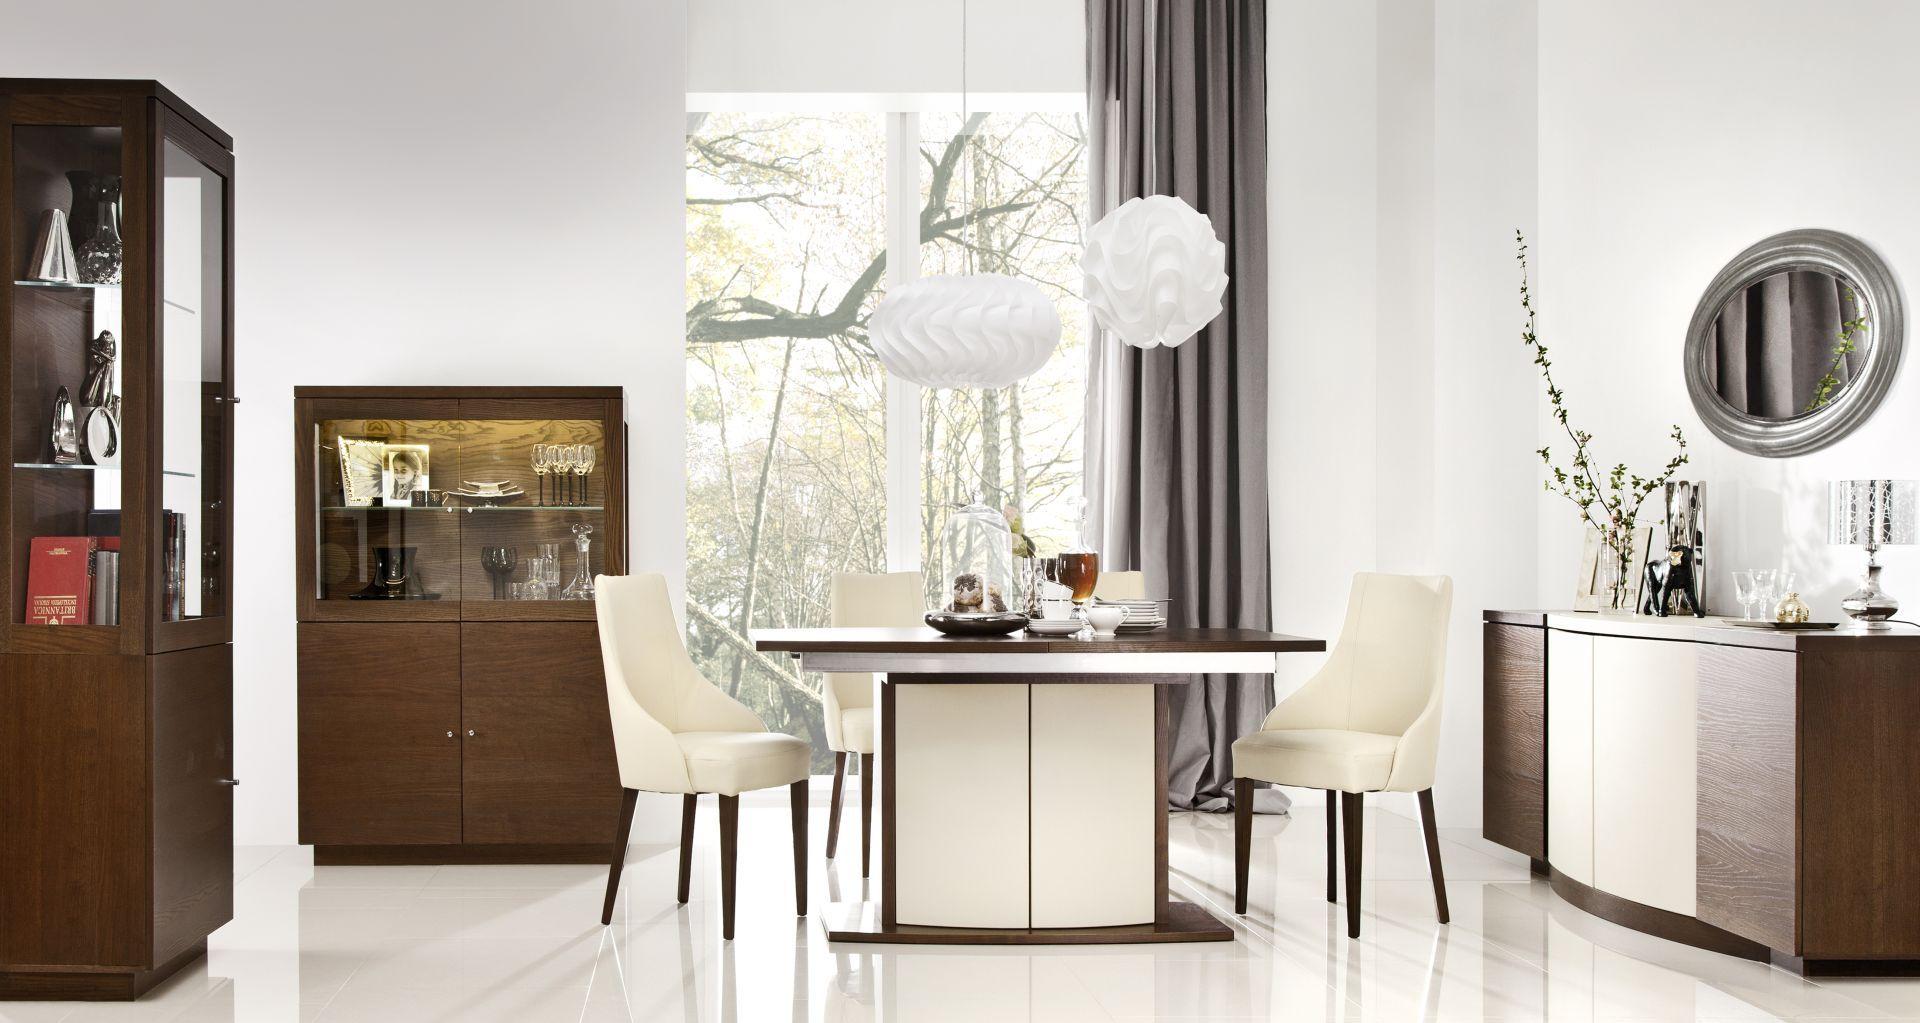 Jadalnia z kolekcji Elisse to jasne barwy zamknięte w eleganckich bryłach. Ciekawym elementem kolekcji jest dekoracyjna noga stołu. Fot. Bydgoskie Meble